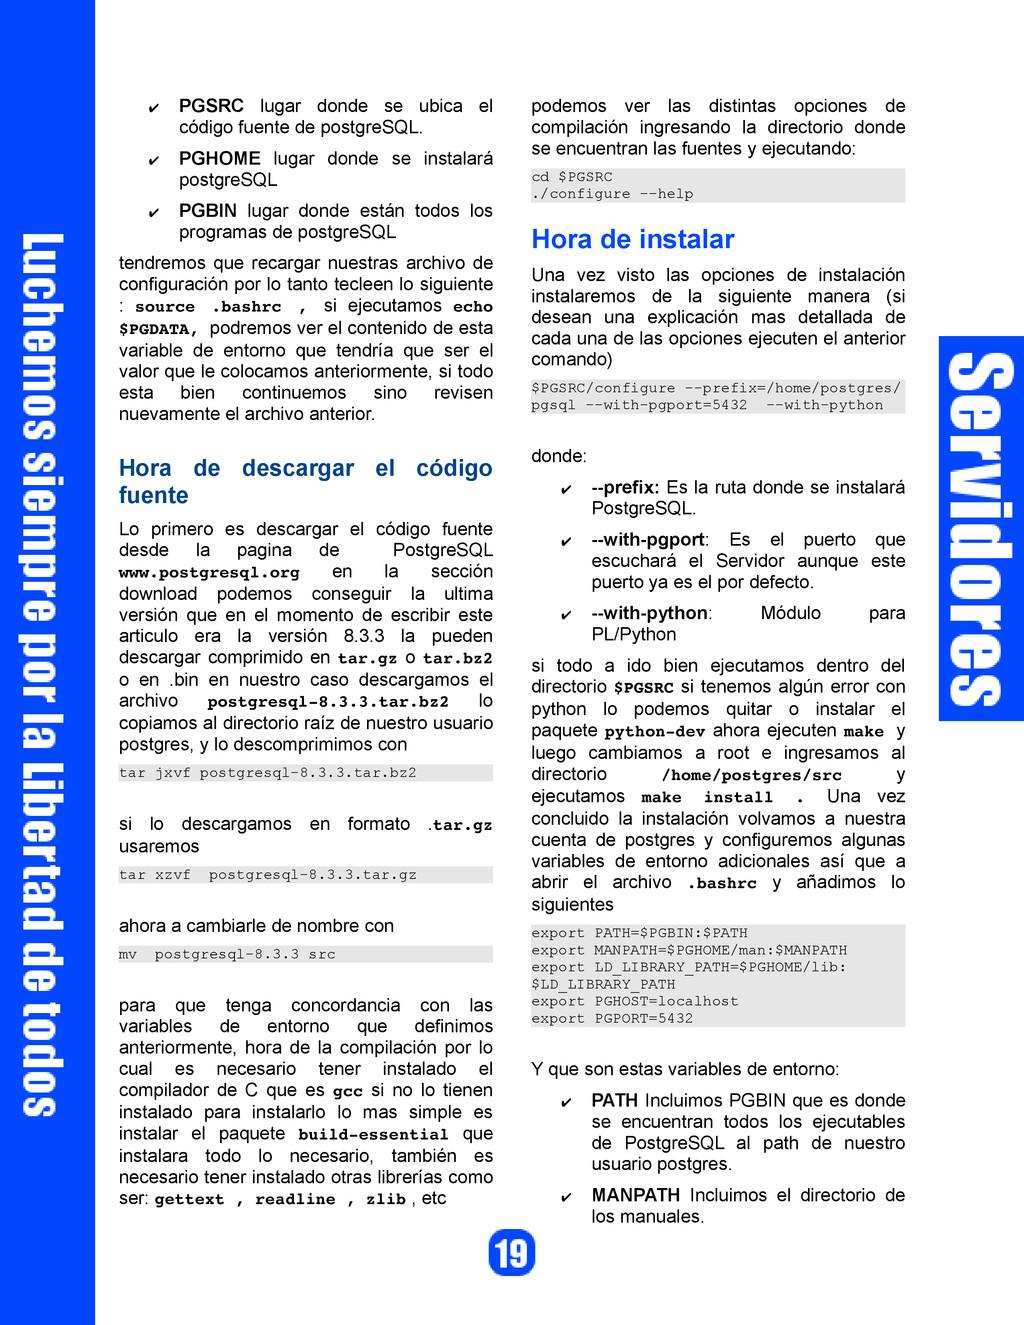 ✔ PGSRC lugar donde se ubica el código fuente d...